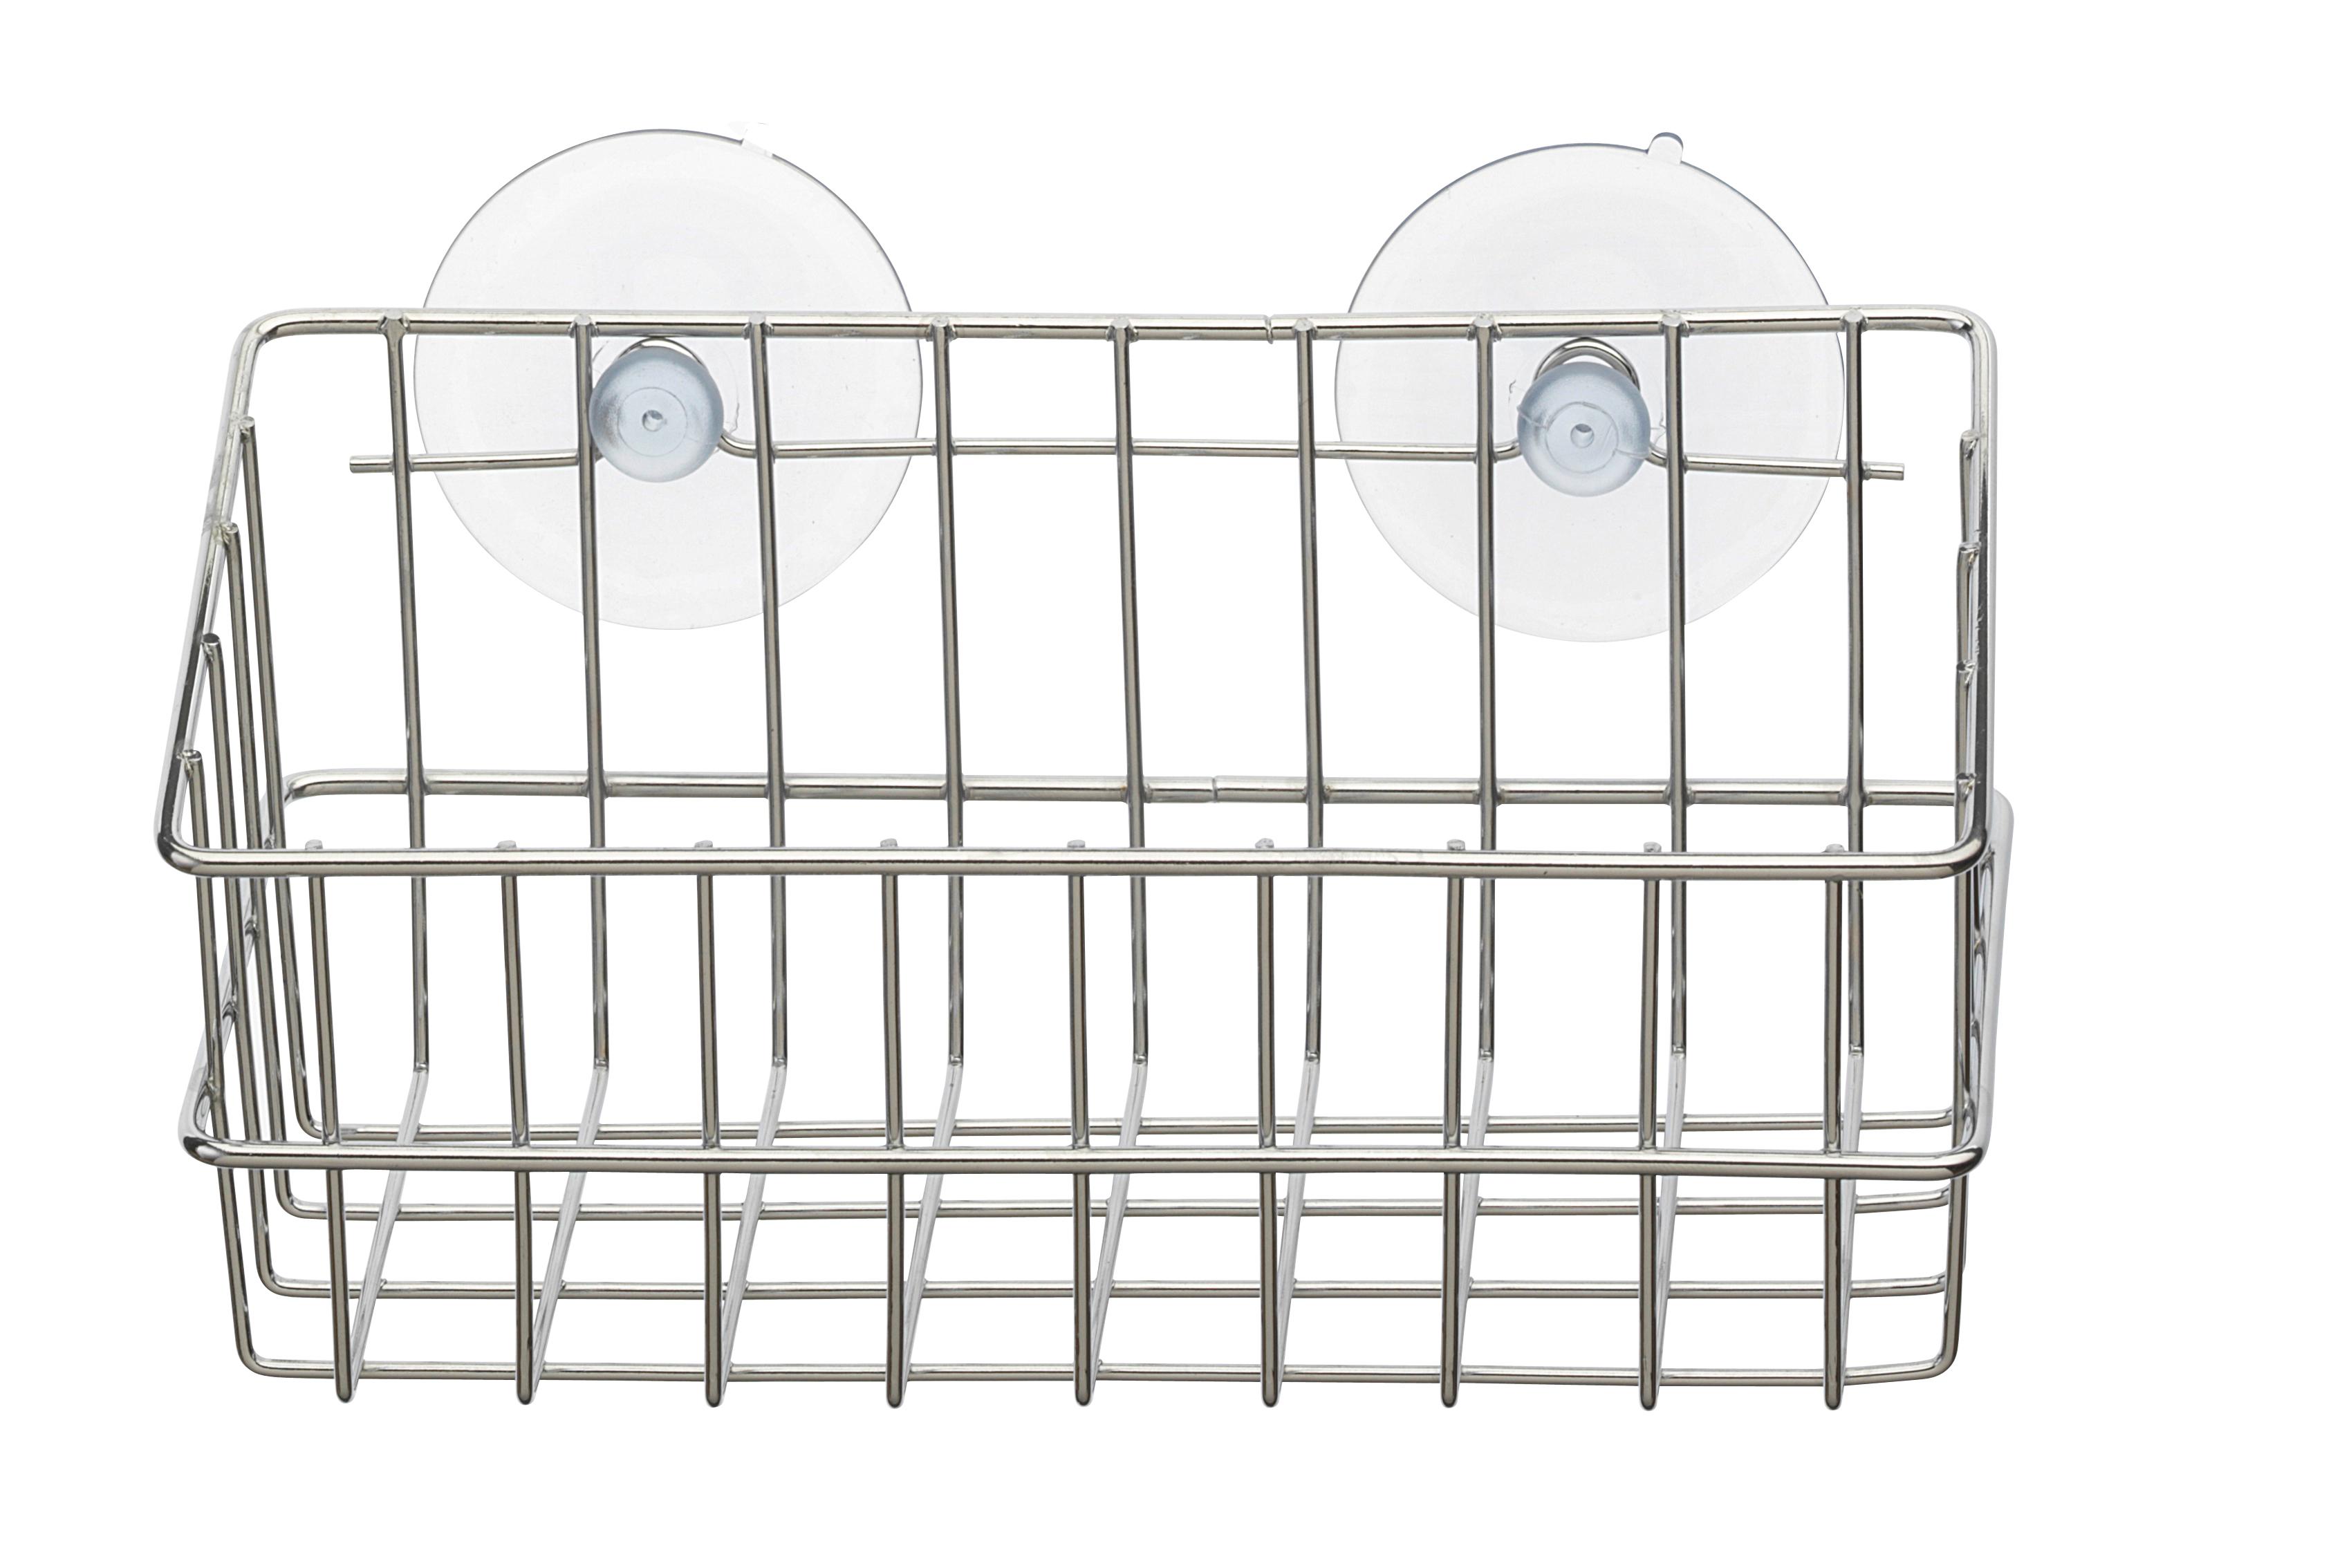 Корзинка для ванной Top Star, прямоугольная, на присосках, цвет: хром, 19,5 х 9 х 9 см702264Корзинка для ванной комнаты настенная прямоугольная, глубокая, с двумя присосками в комплекте. Прекрасно подходит для хранения тюбиков гелей для душа, шампуней, мочалок и др. Изготовлена из высококачественной хромированной стали, устойчивой к высокой влажности.